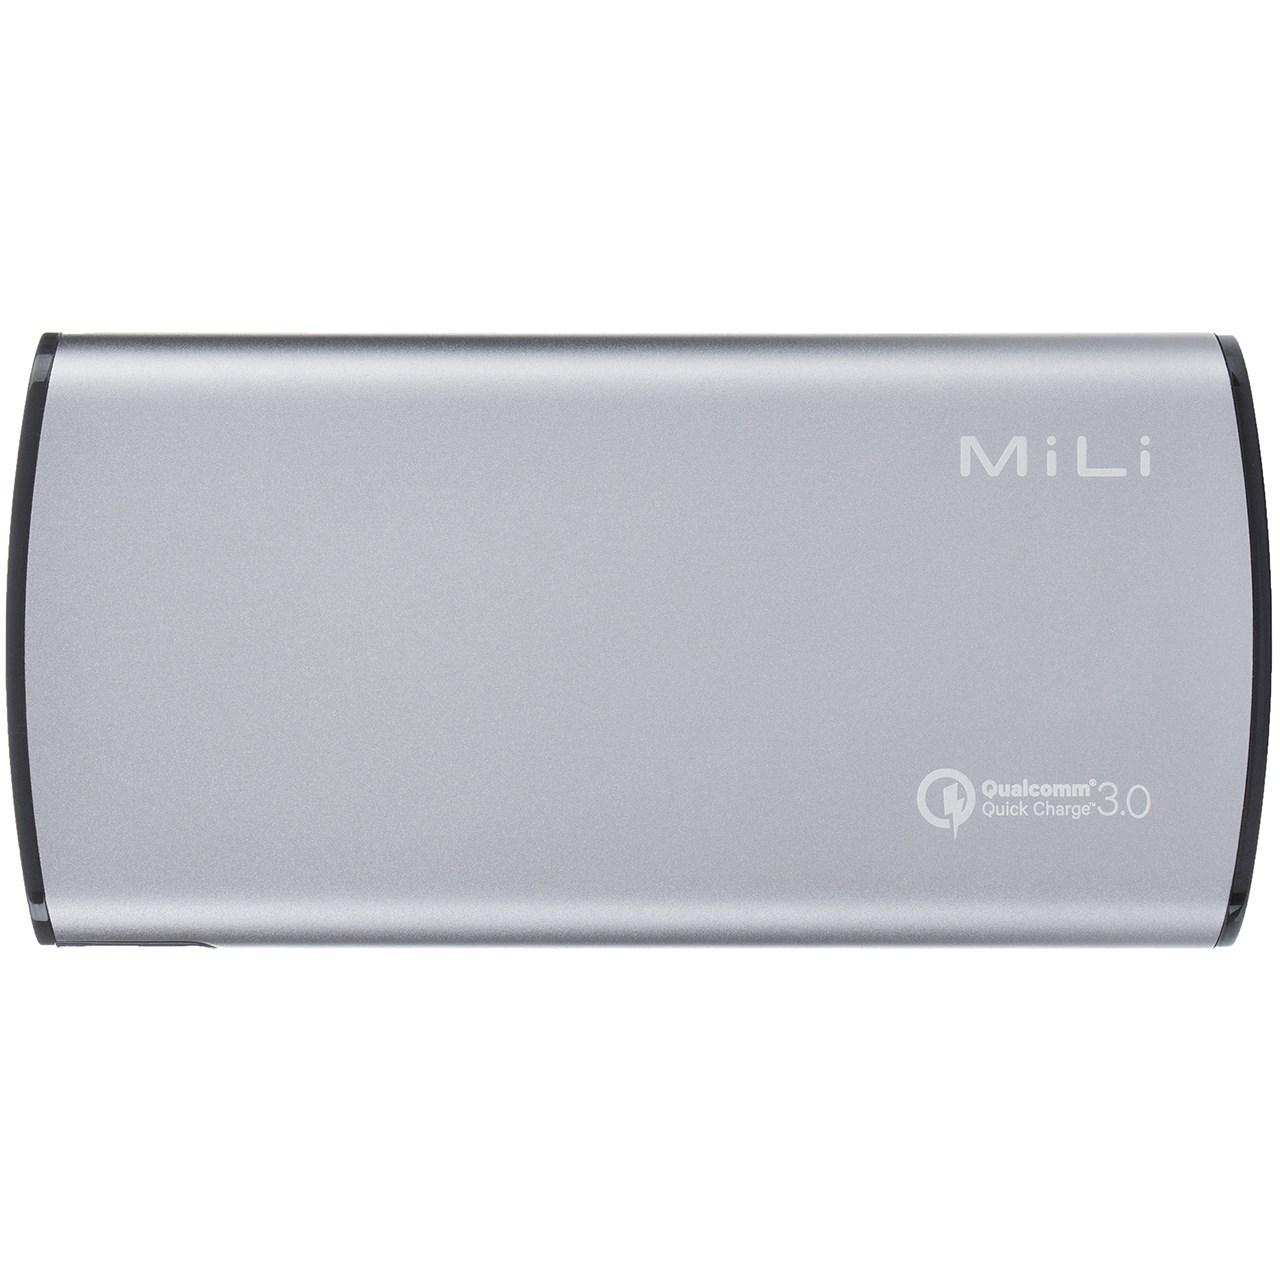 قیمت شارژر همراه میلی مدل HB-Q08 ظرفیت 8000 میلی آمپر ساعت